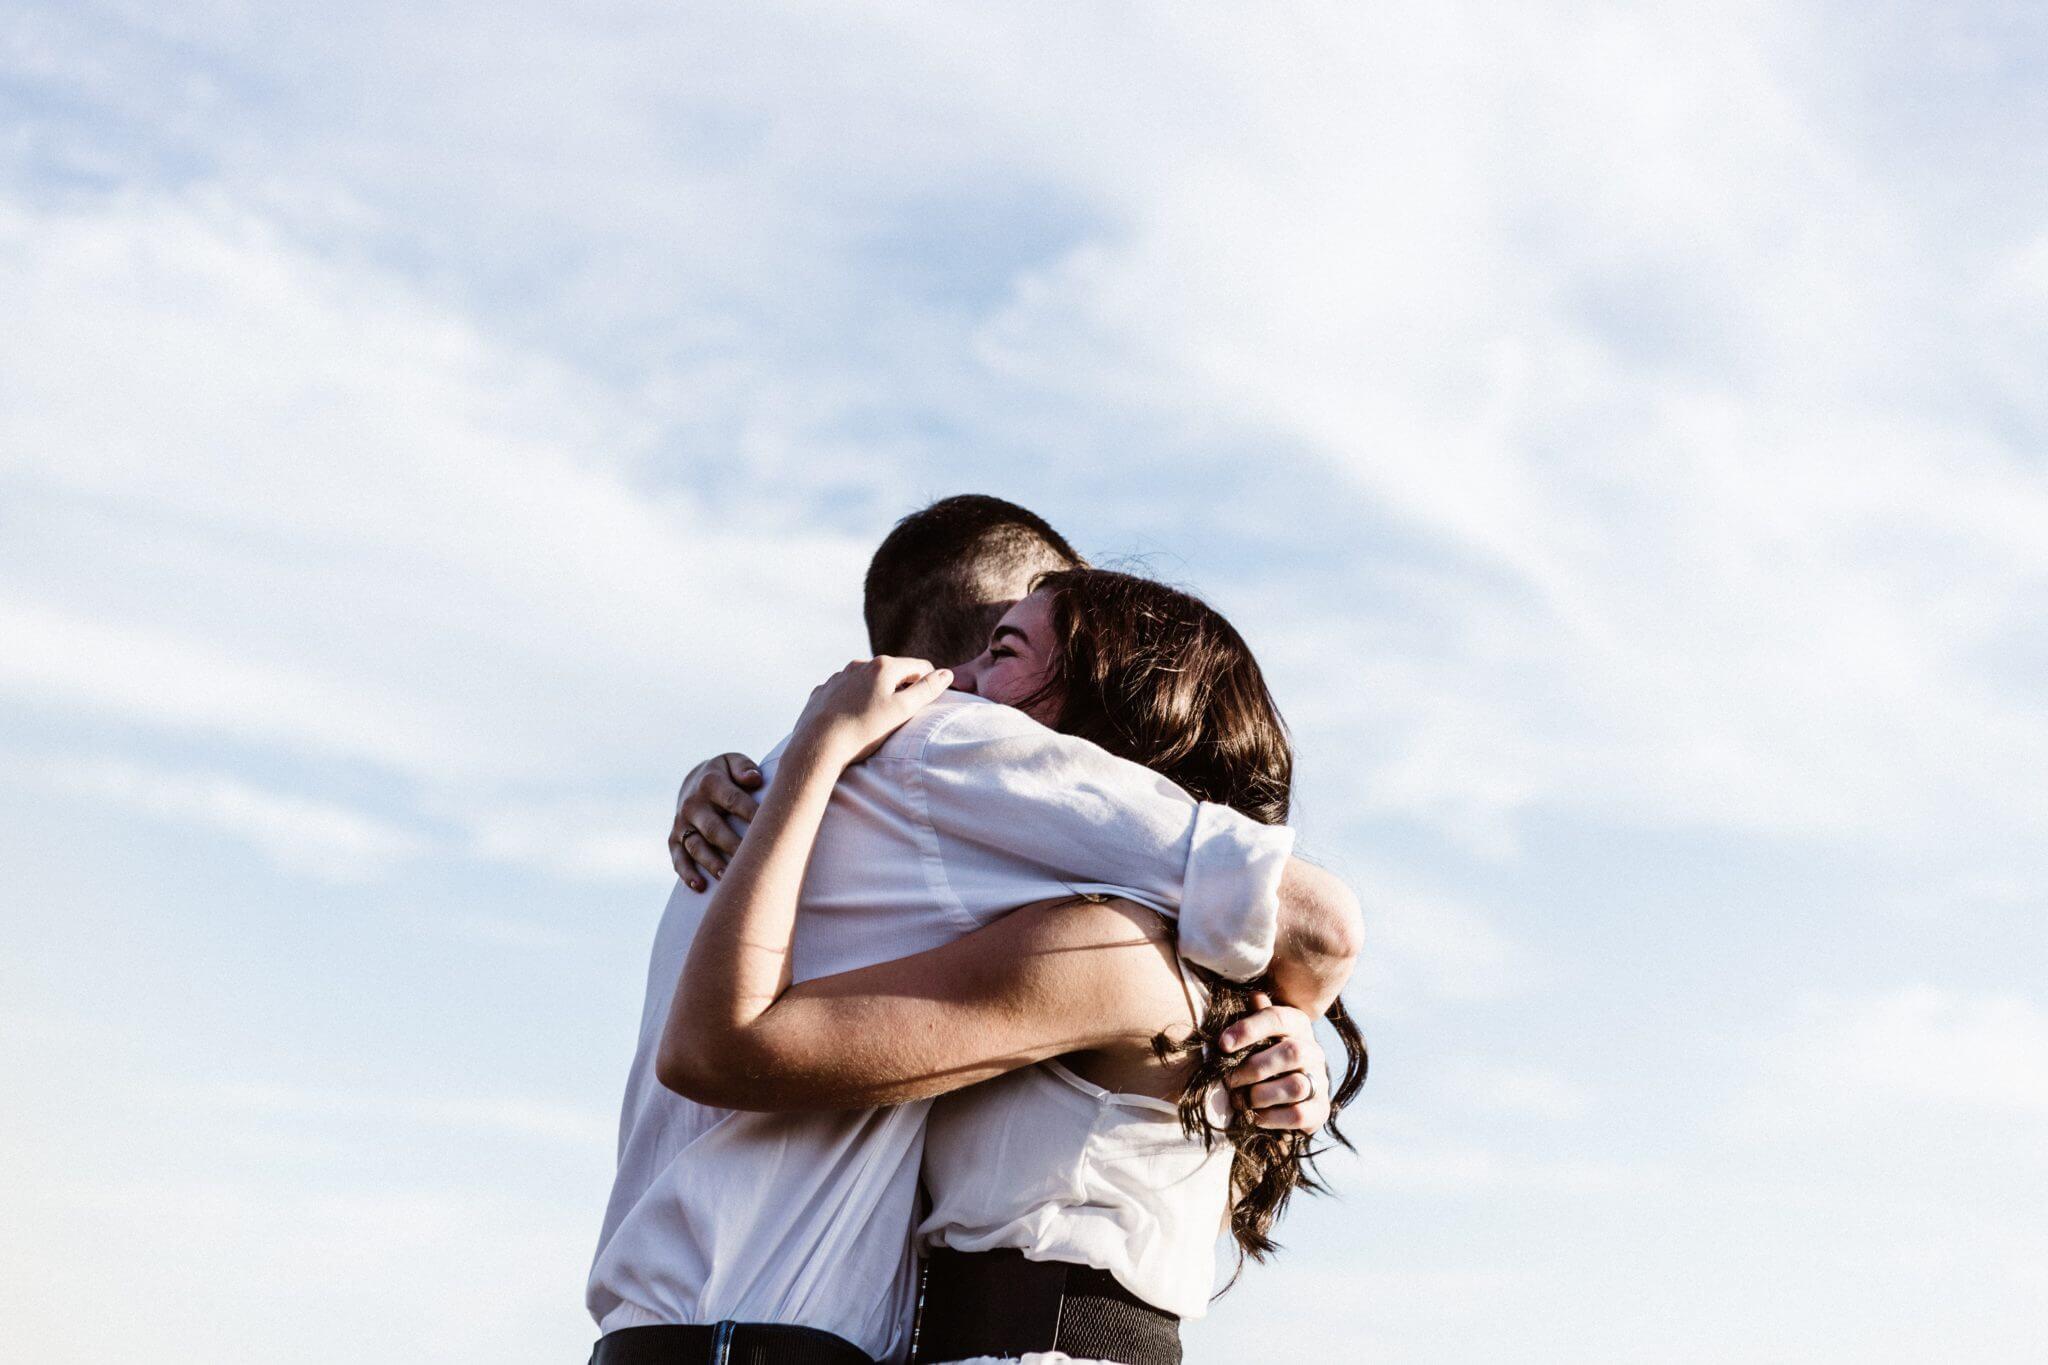 Lời chúc ngày mới cho người yêu bằng những bài thơ lãng mạn